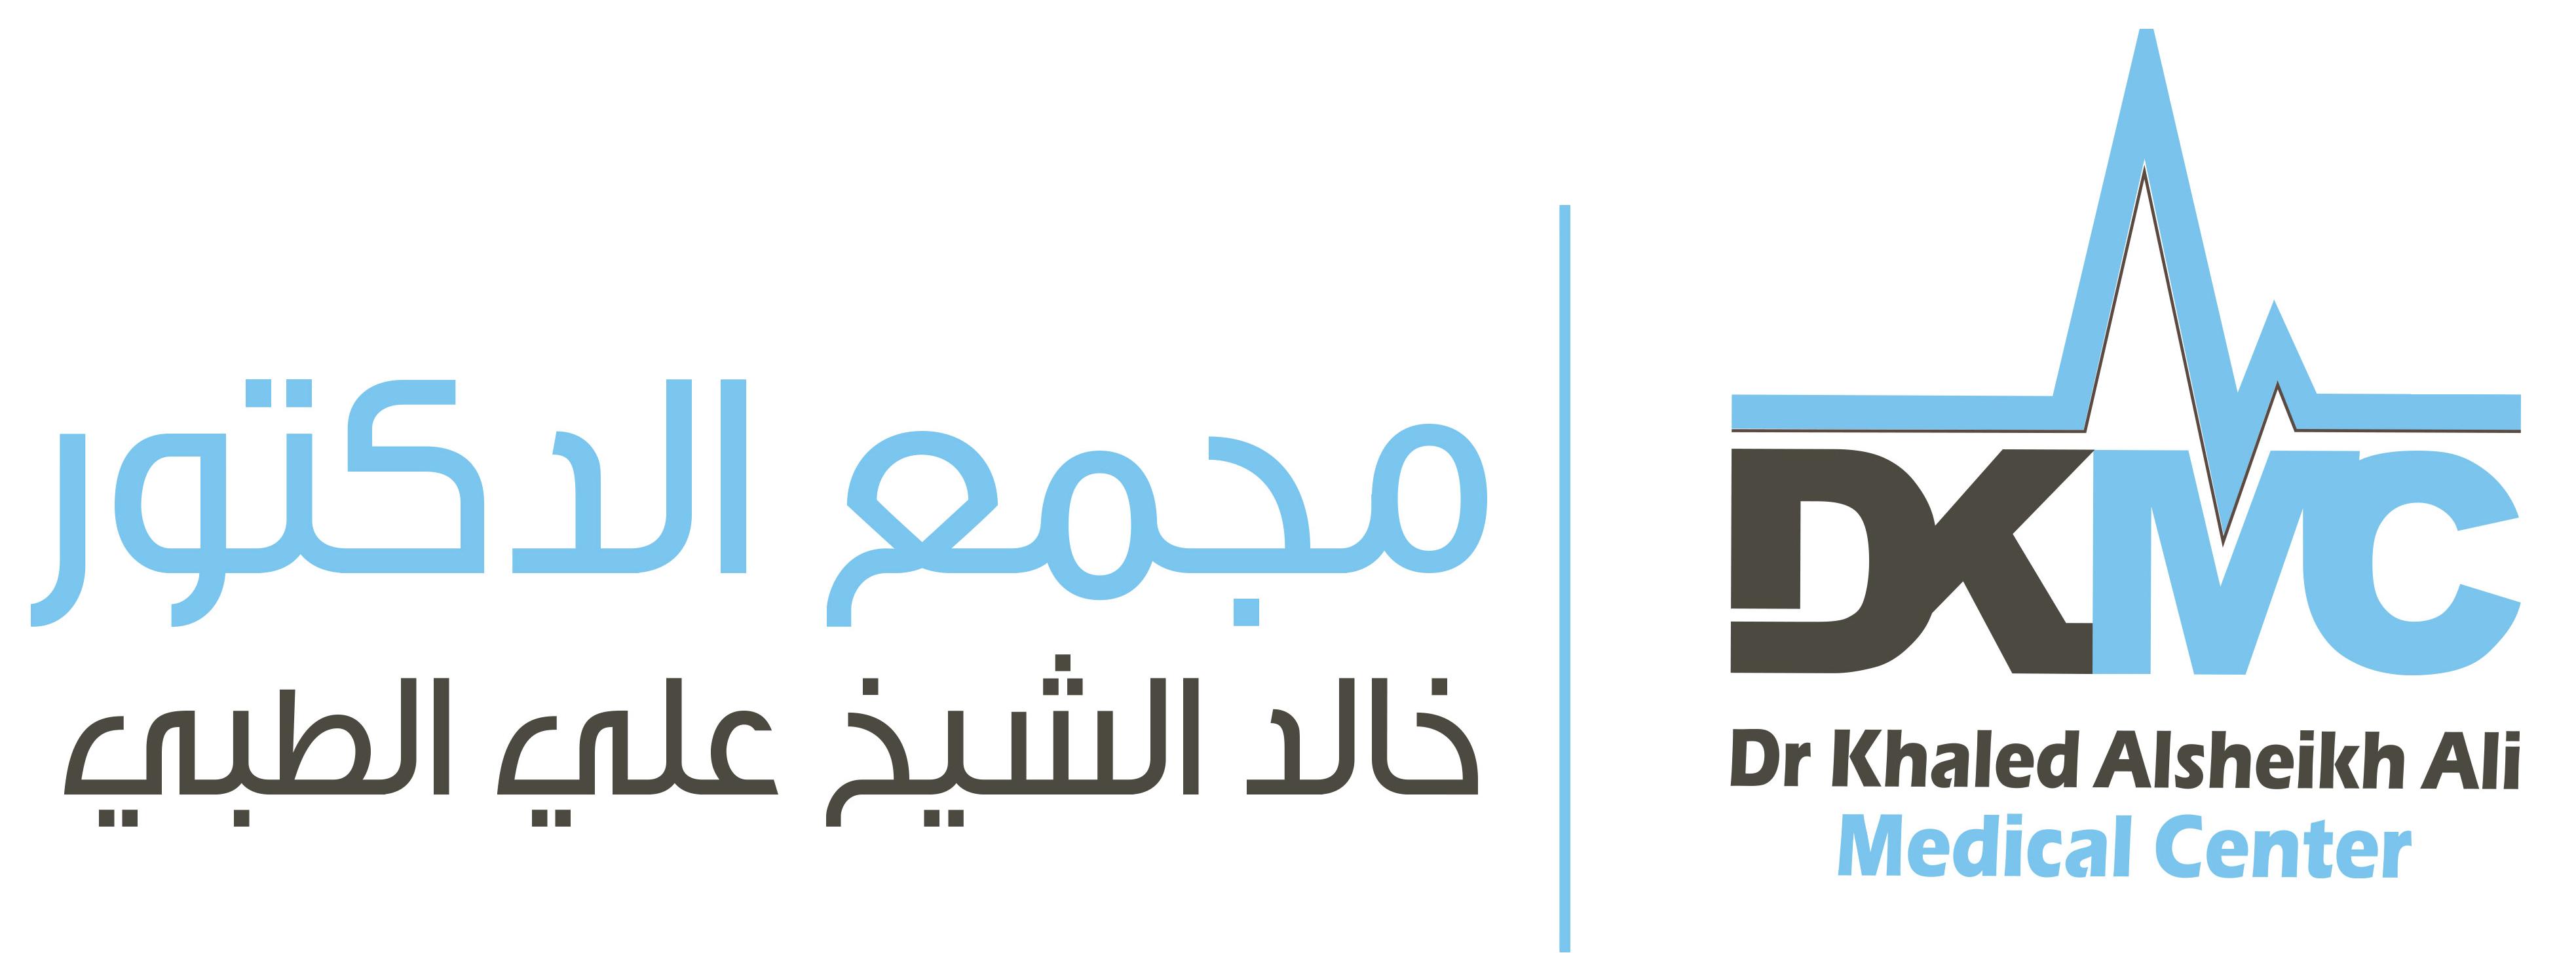 Dr Khaled Medical Center